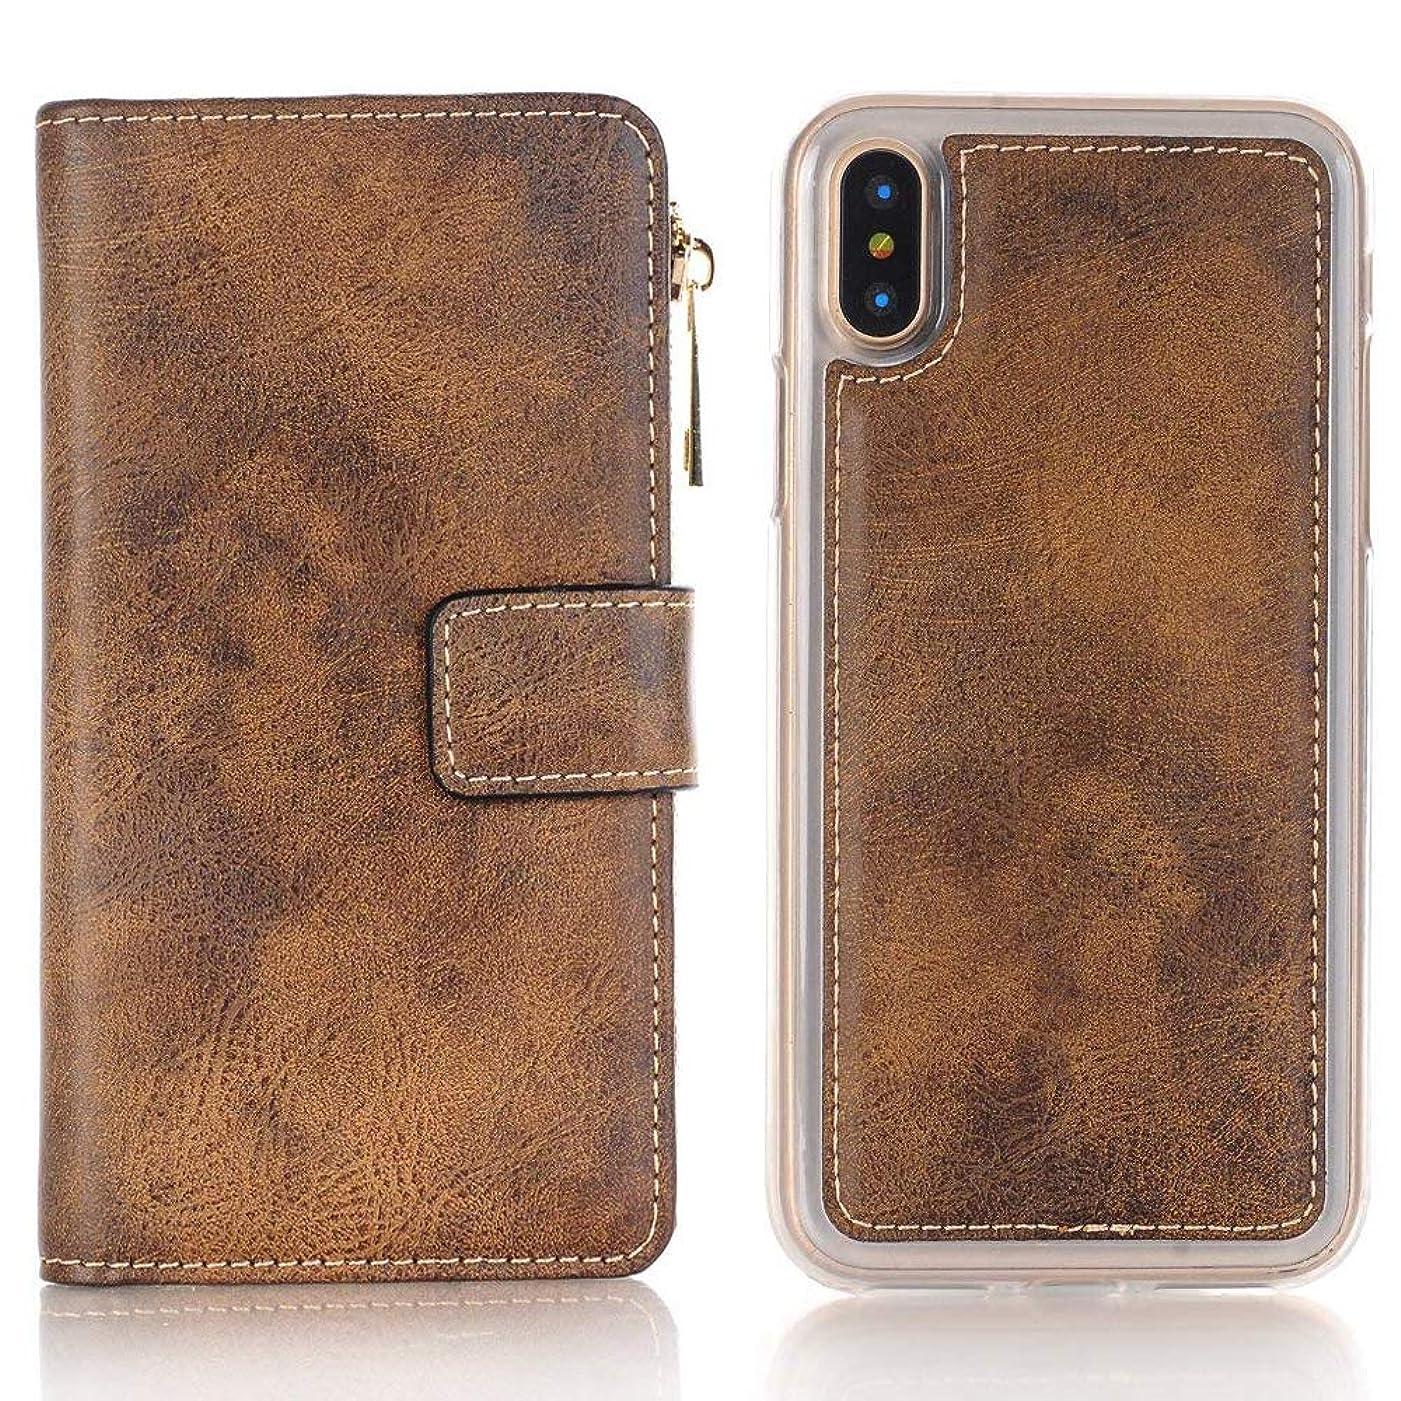 ディンカルビル適応リンクiPhone X ケース 手帳型 INorton 全面保護カバー 耐衝撃 レンズ保護 カード収納 分離式 高品質レザー シリコン 軽量 マグネット式(ブラウン)